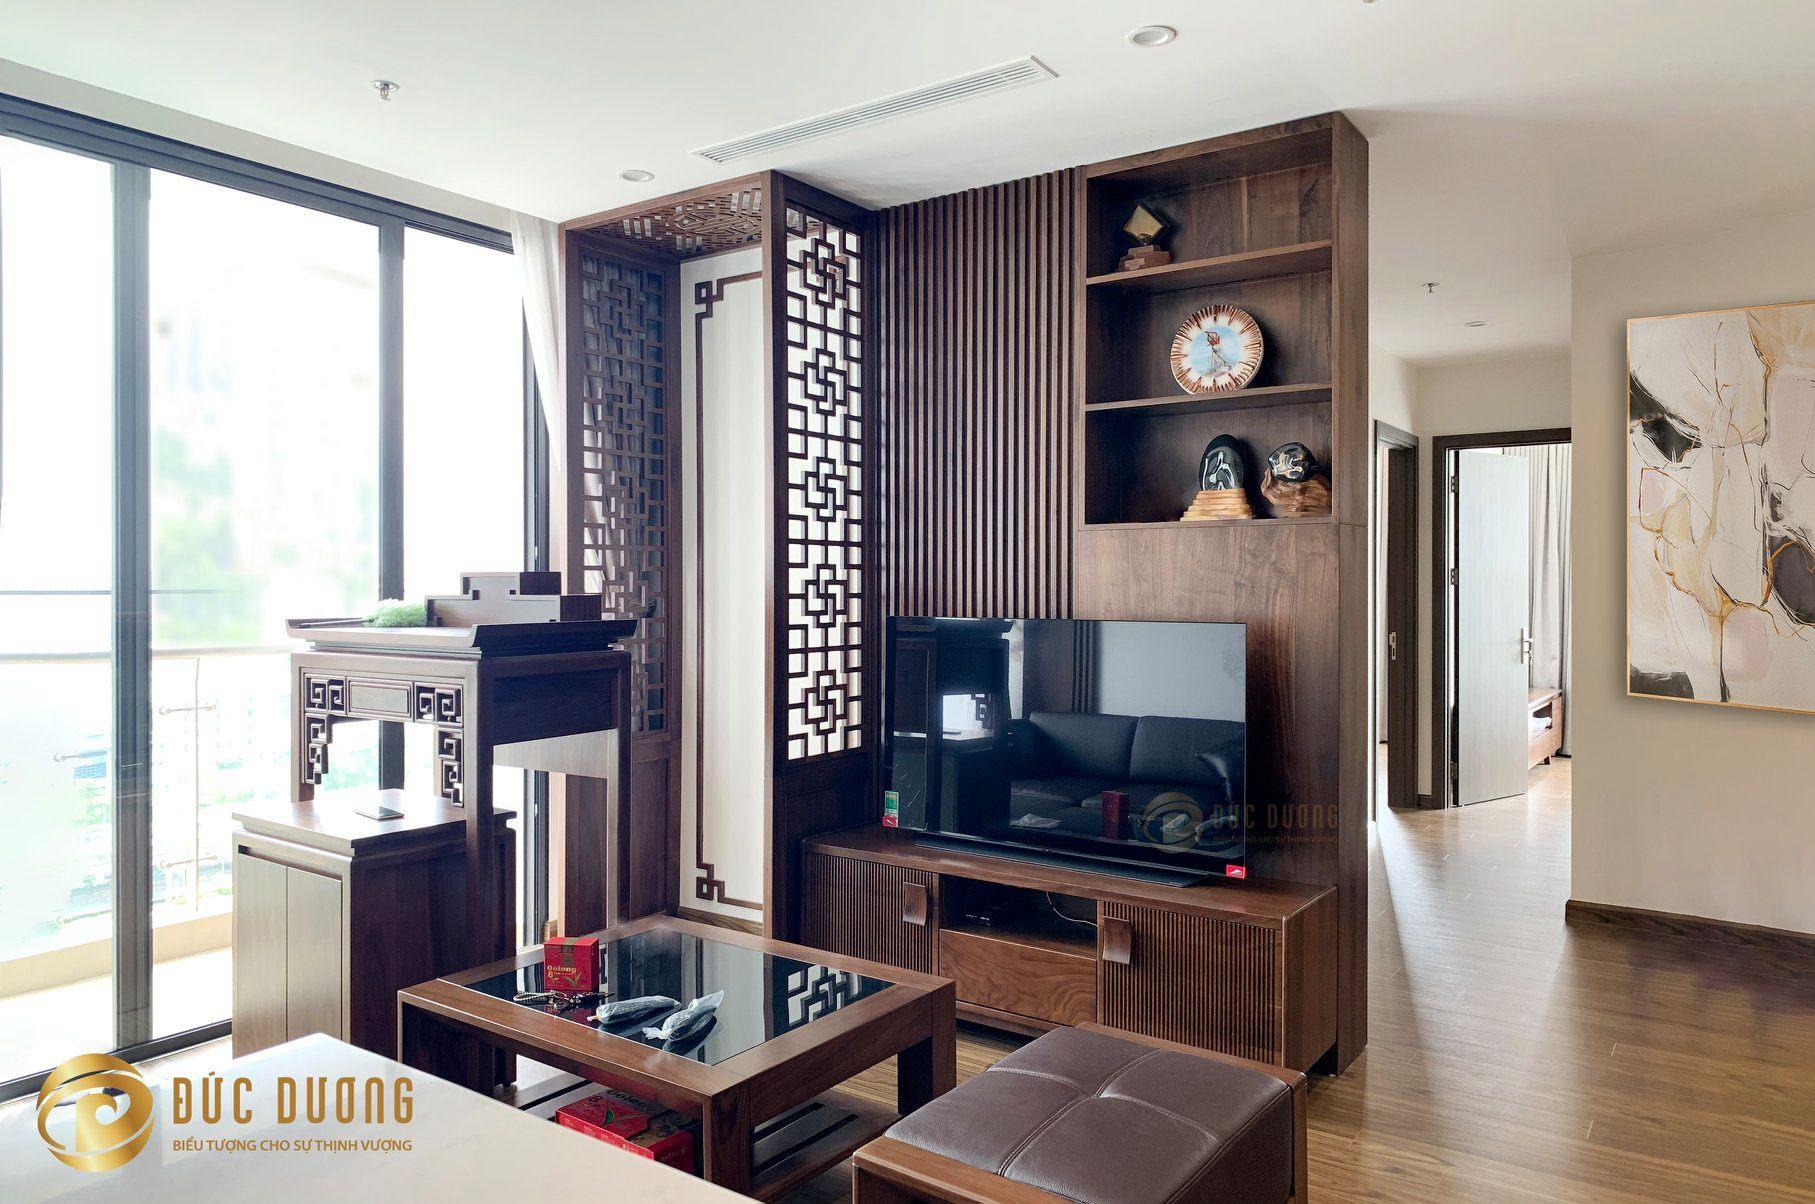 thi công nội thất căn hộ chị Linh, Vinhomes West Point️